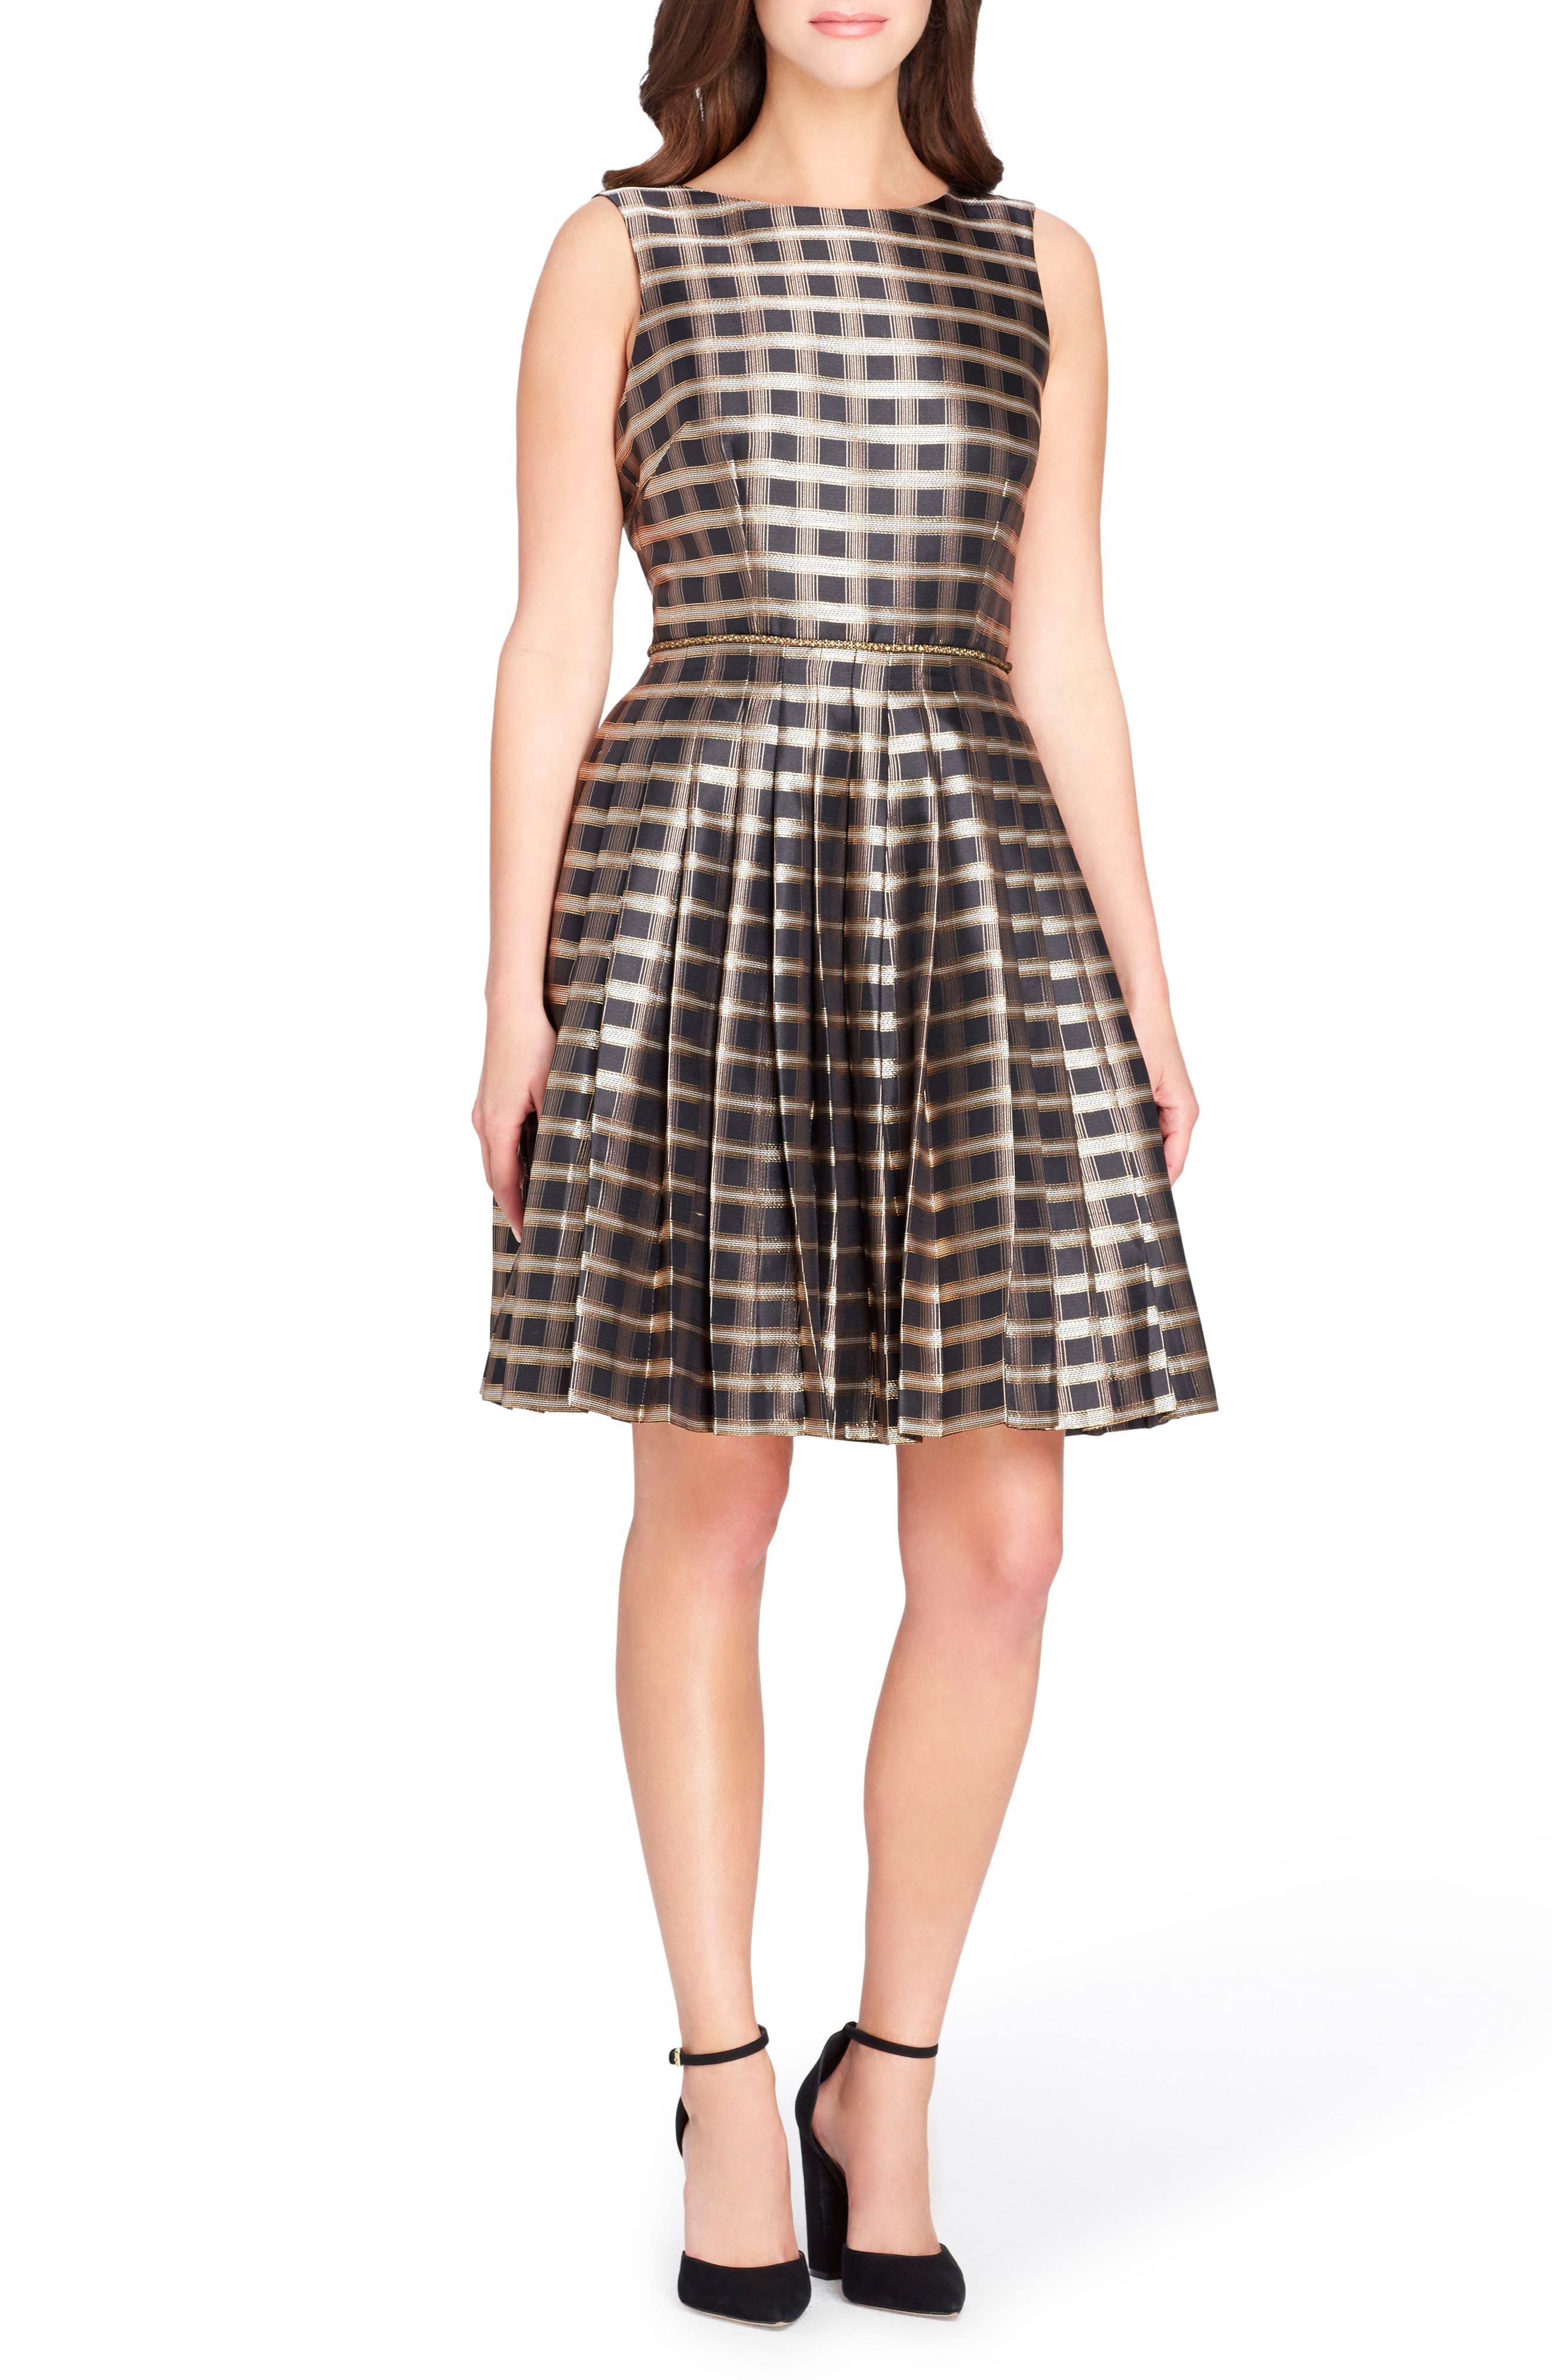 Alternate Image 1 Selected - Tahari Jacquard Fit & Flare Dress